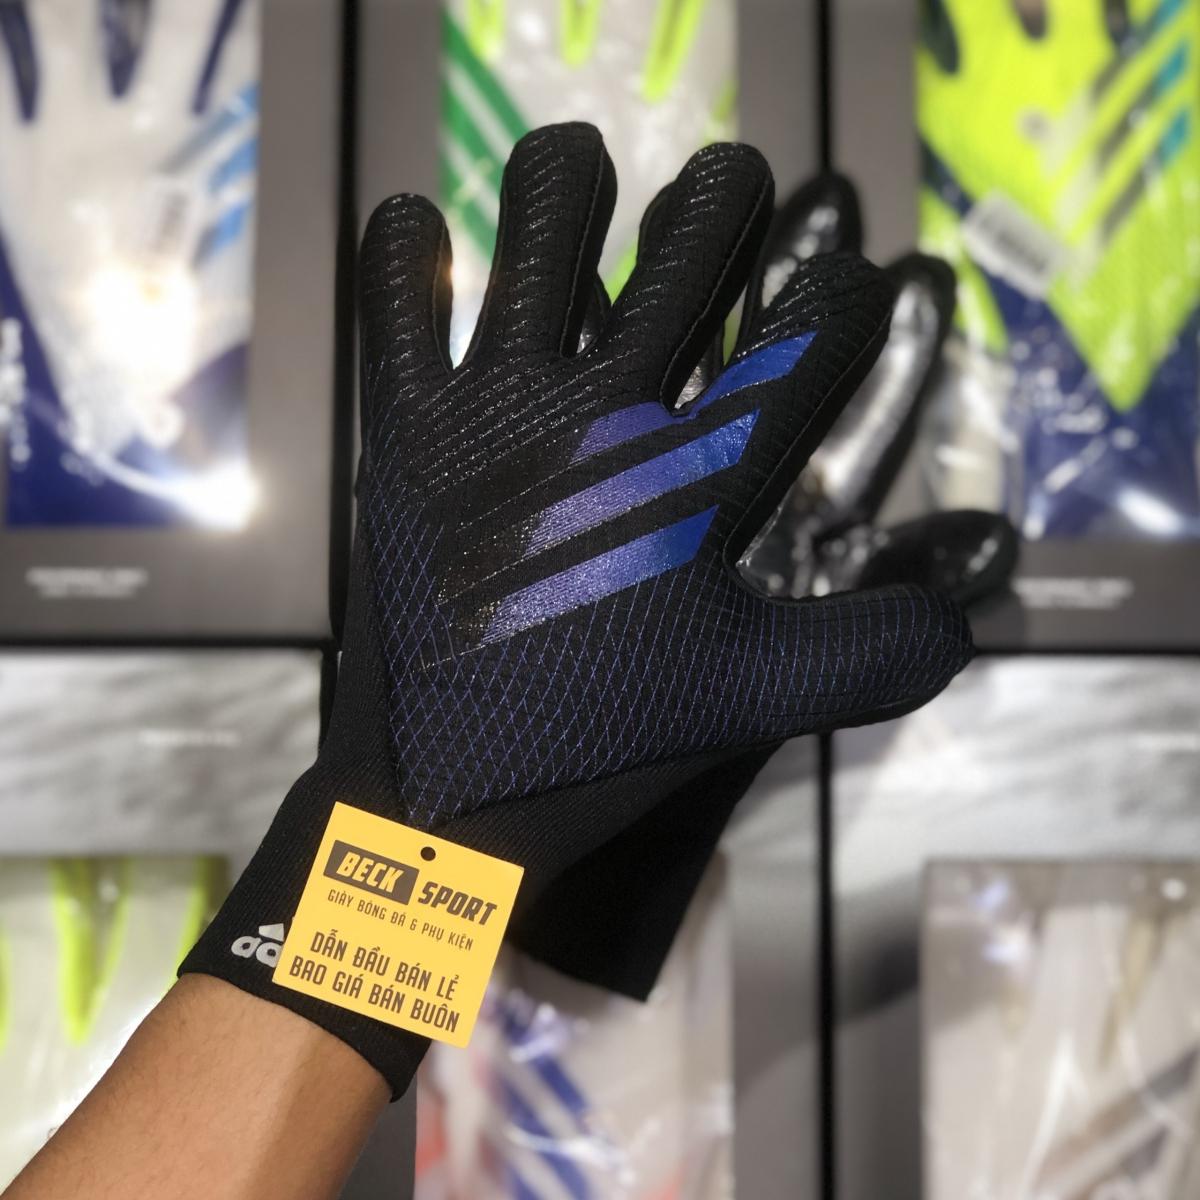 Găng Tay Adidas X Pro Đen Vạch Xanh Than (Không Xương)